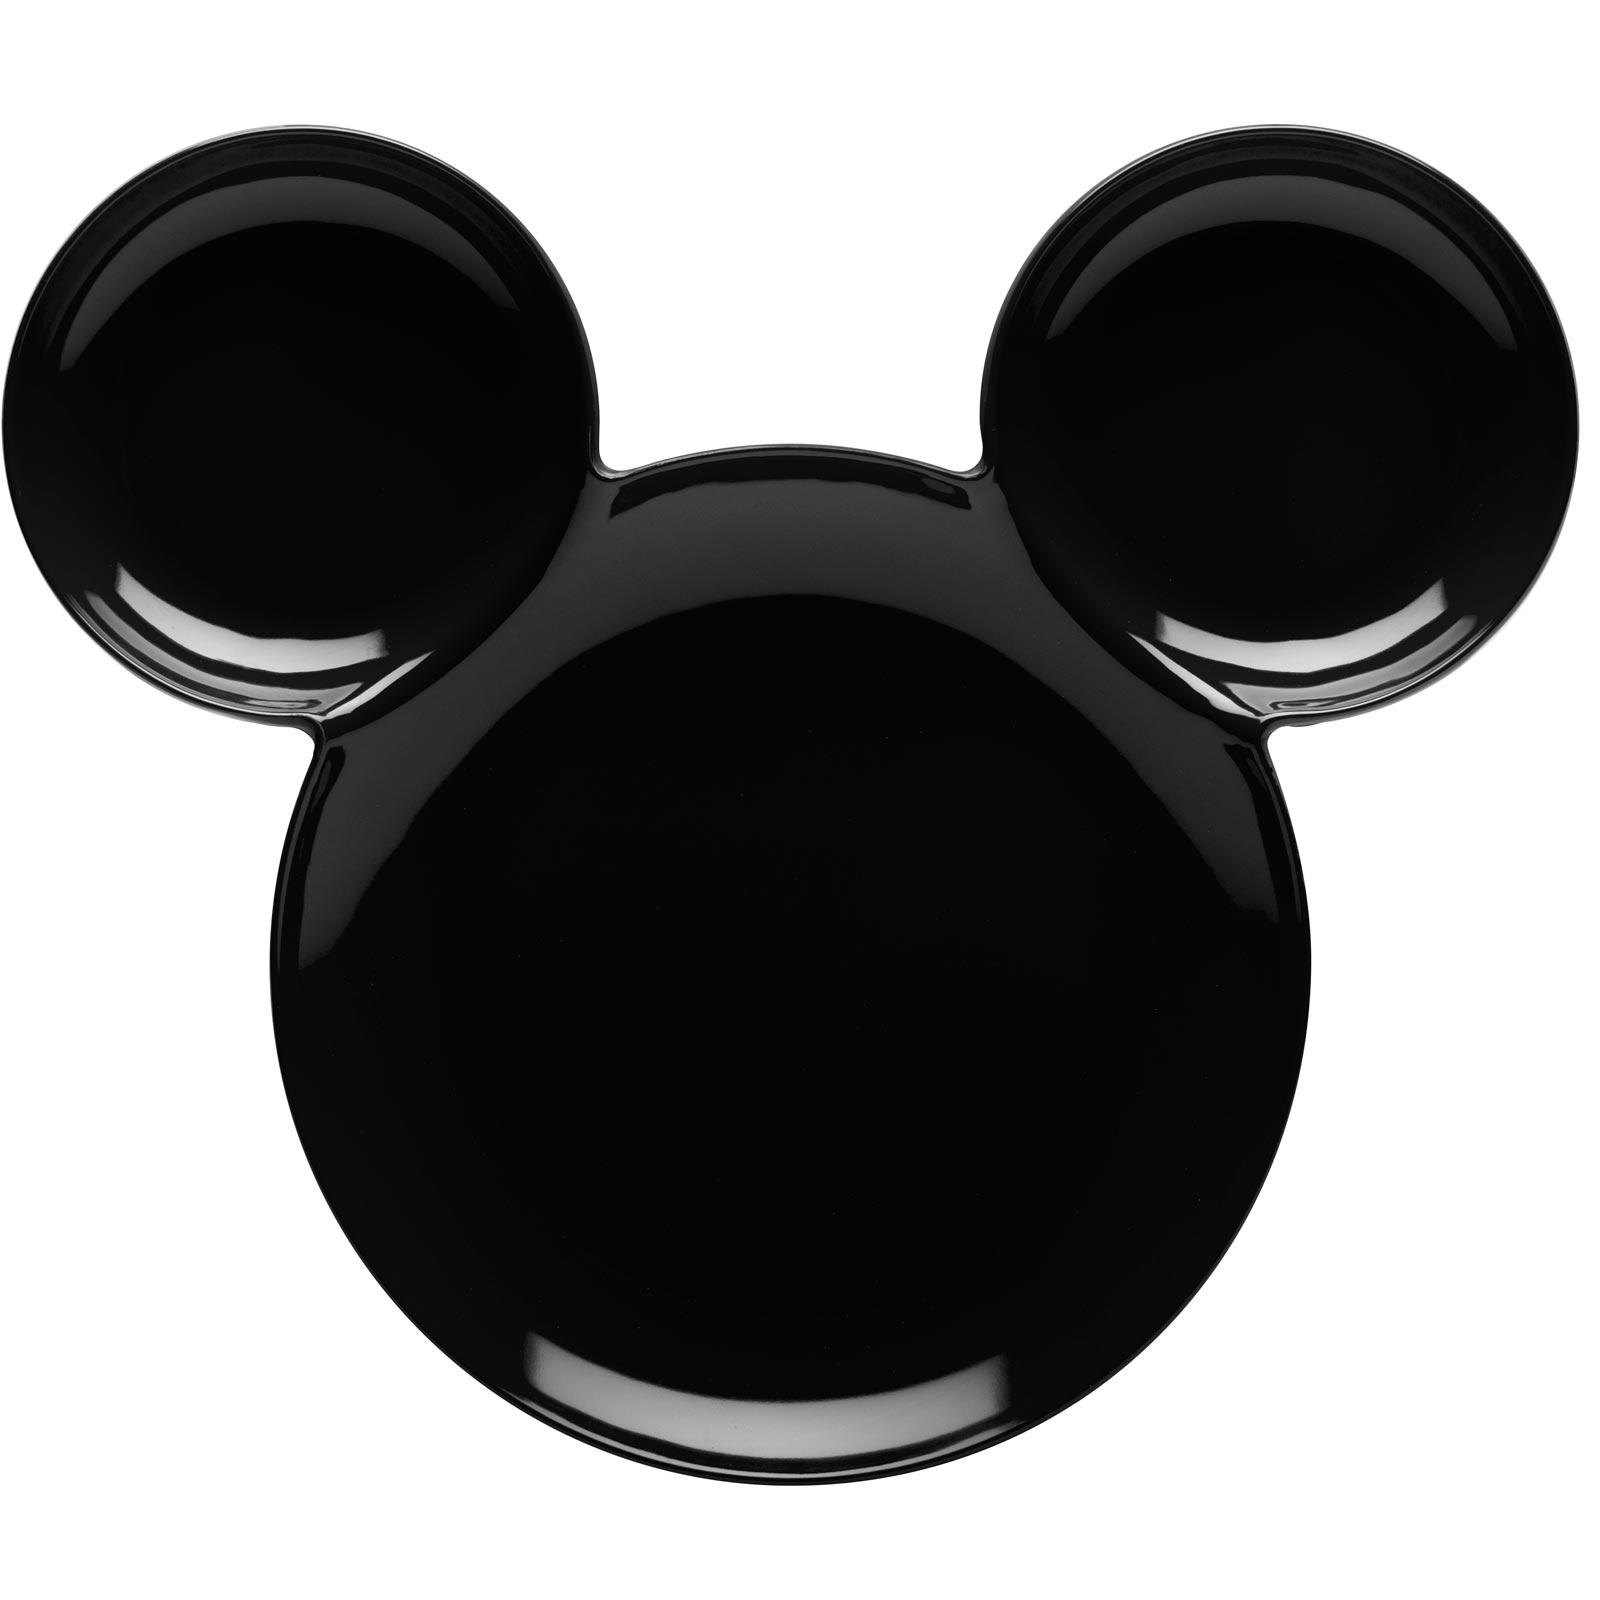 Mickey Mouse Head Stencil - Cliparts.co